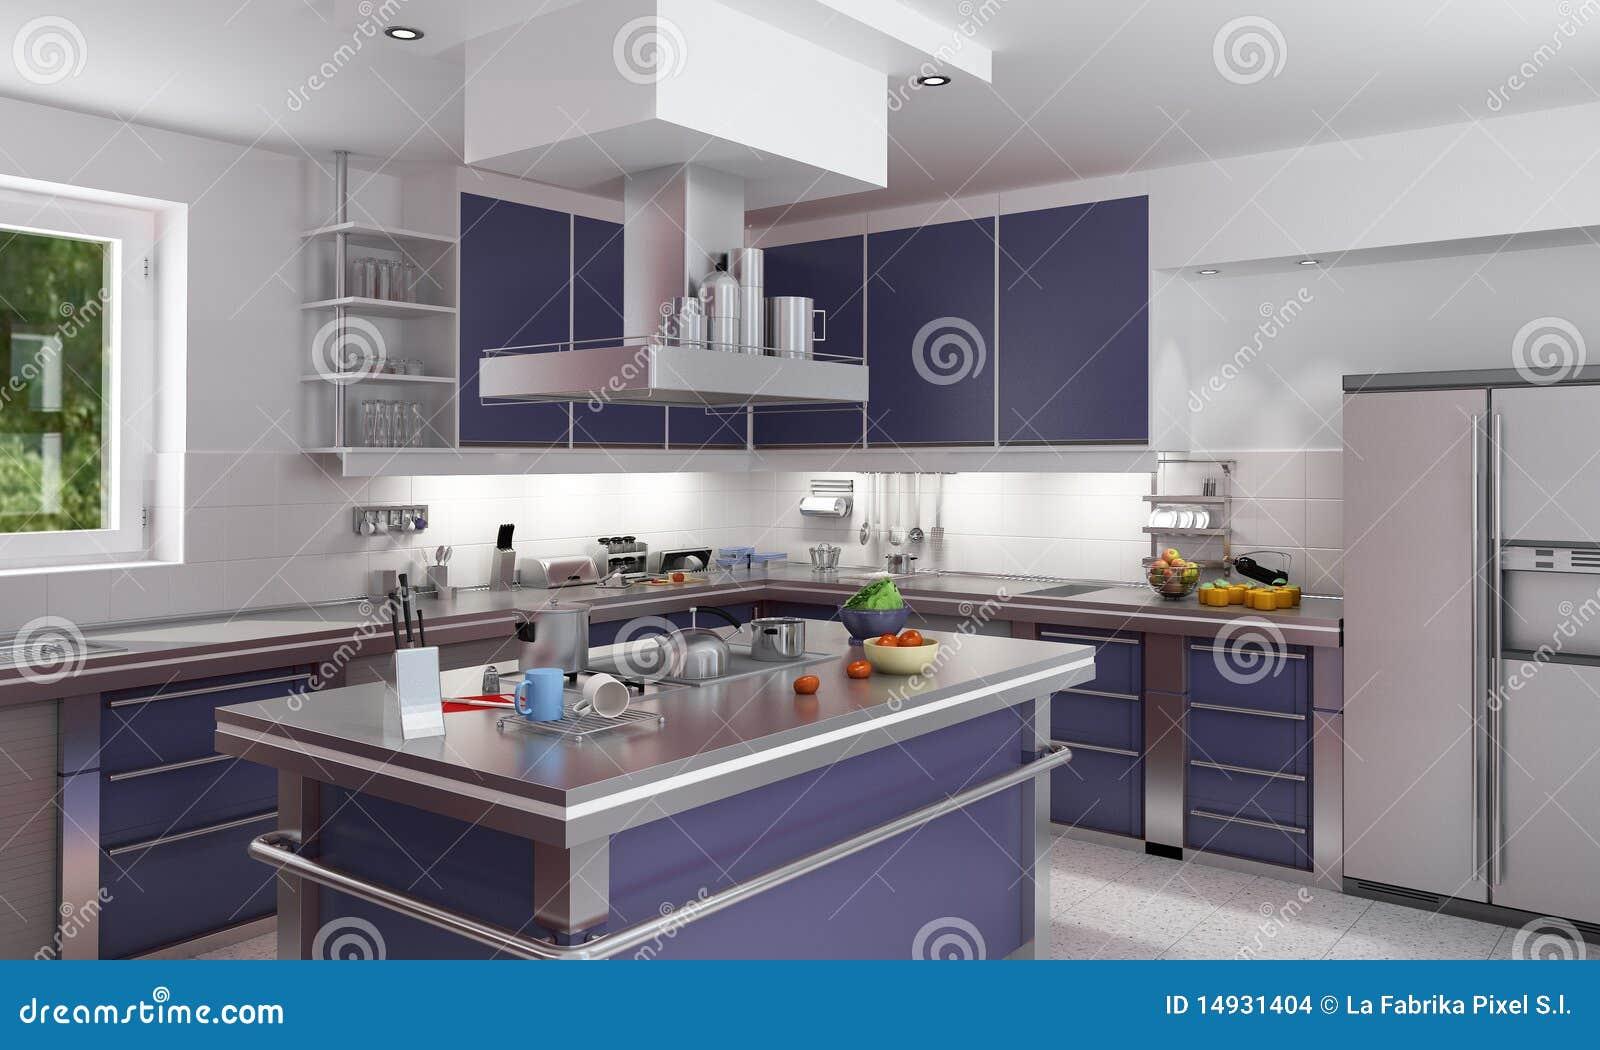 Moderne Blauw Keuken : Elegante blauwe keuken stock illustratie. illustratie bestaande uit